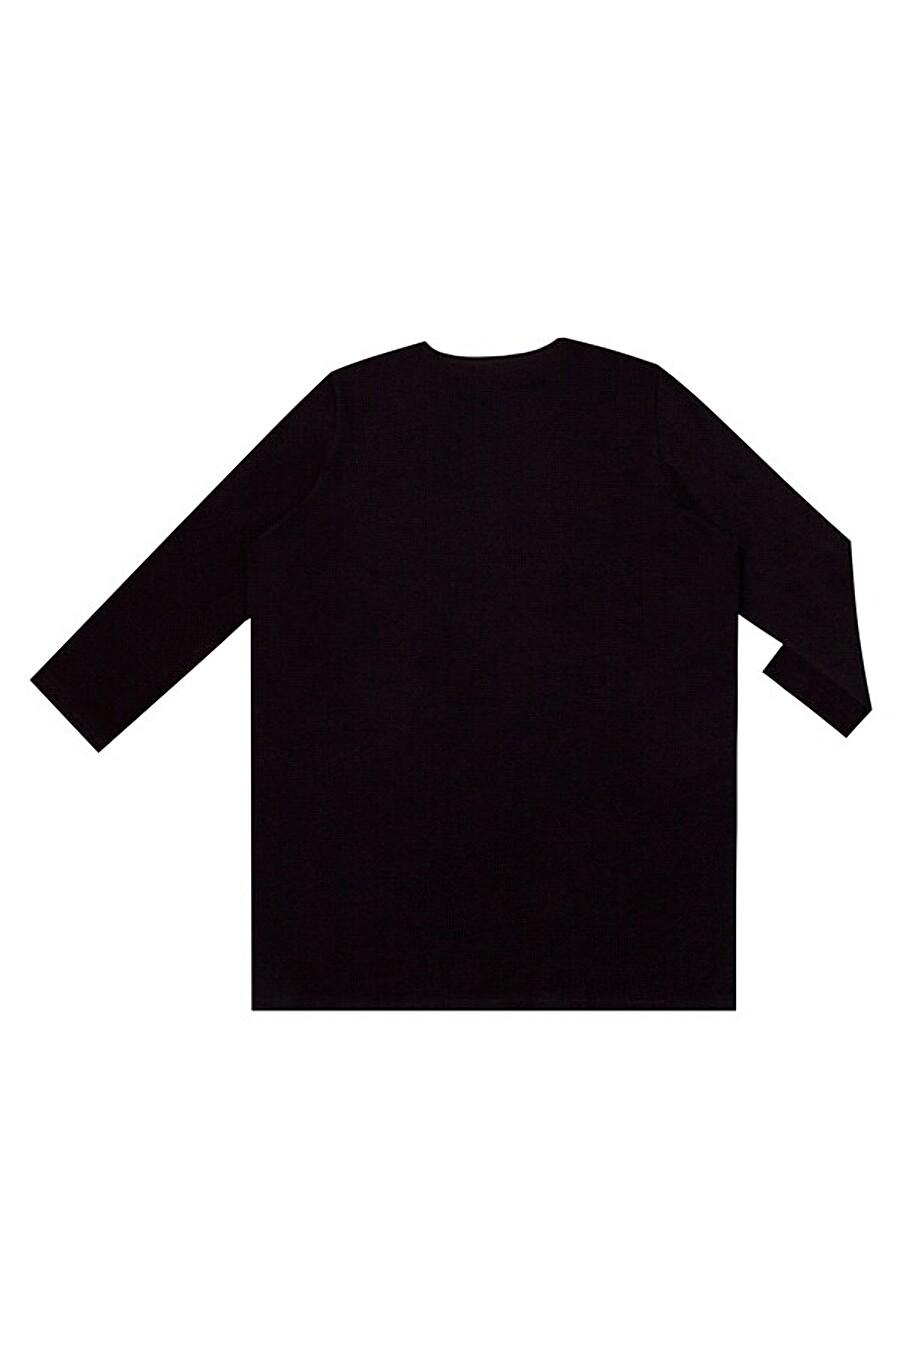 Джемпер для женщин Archi 158289 купить оптом от производителя. Совместная покупка женской одежды в OptMoyo